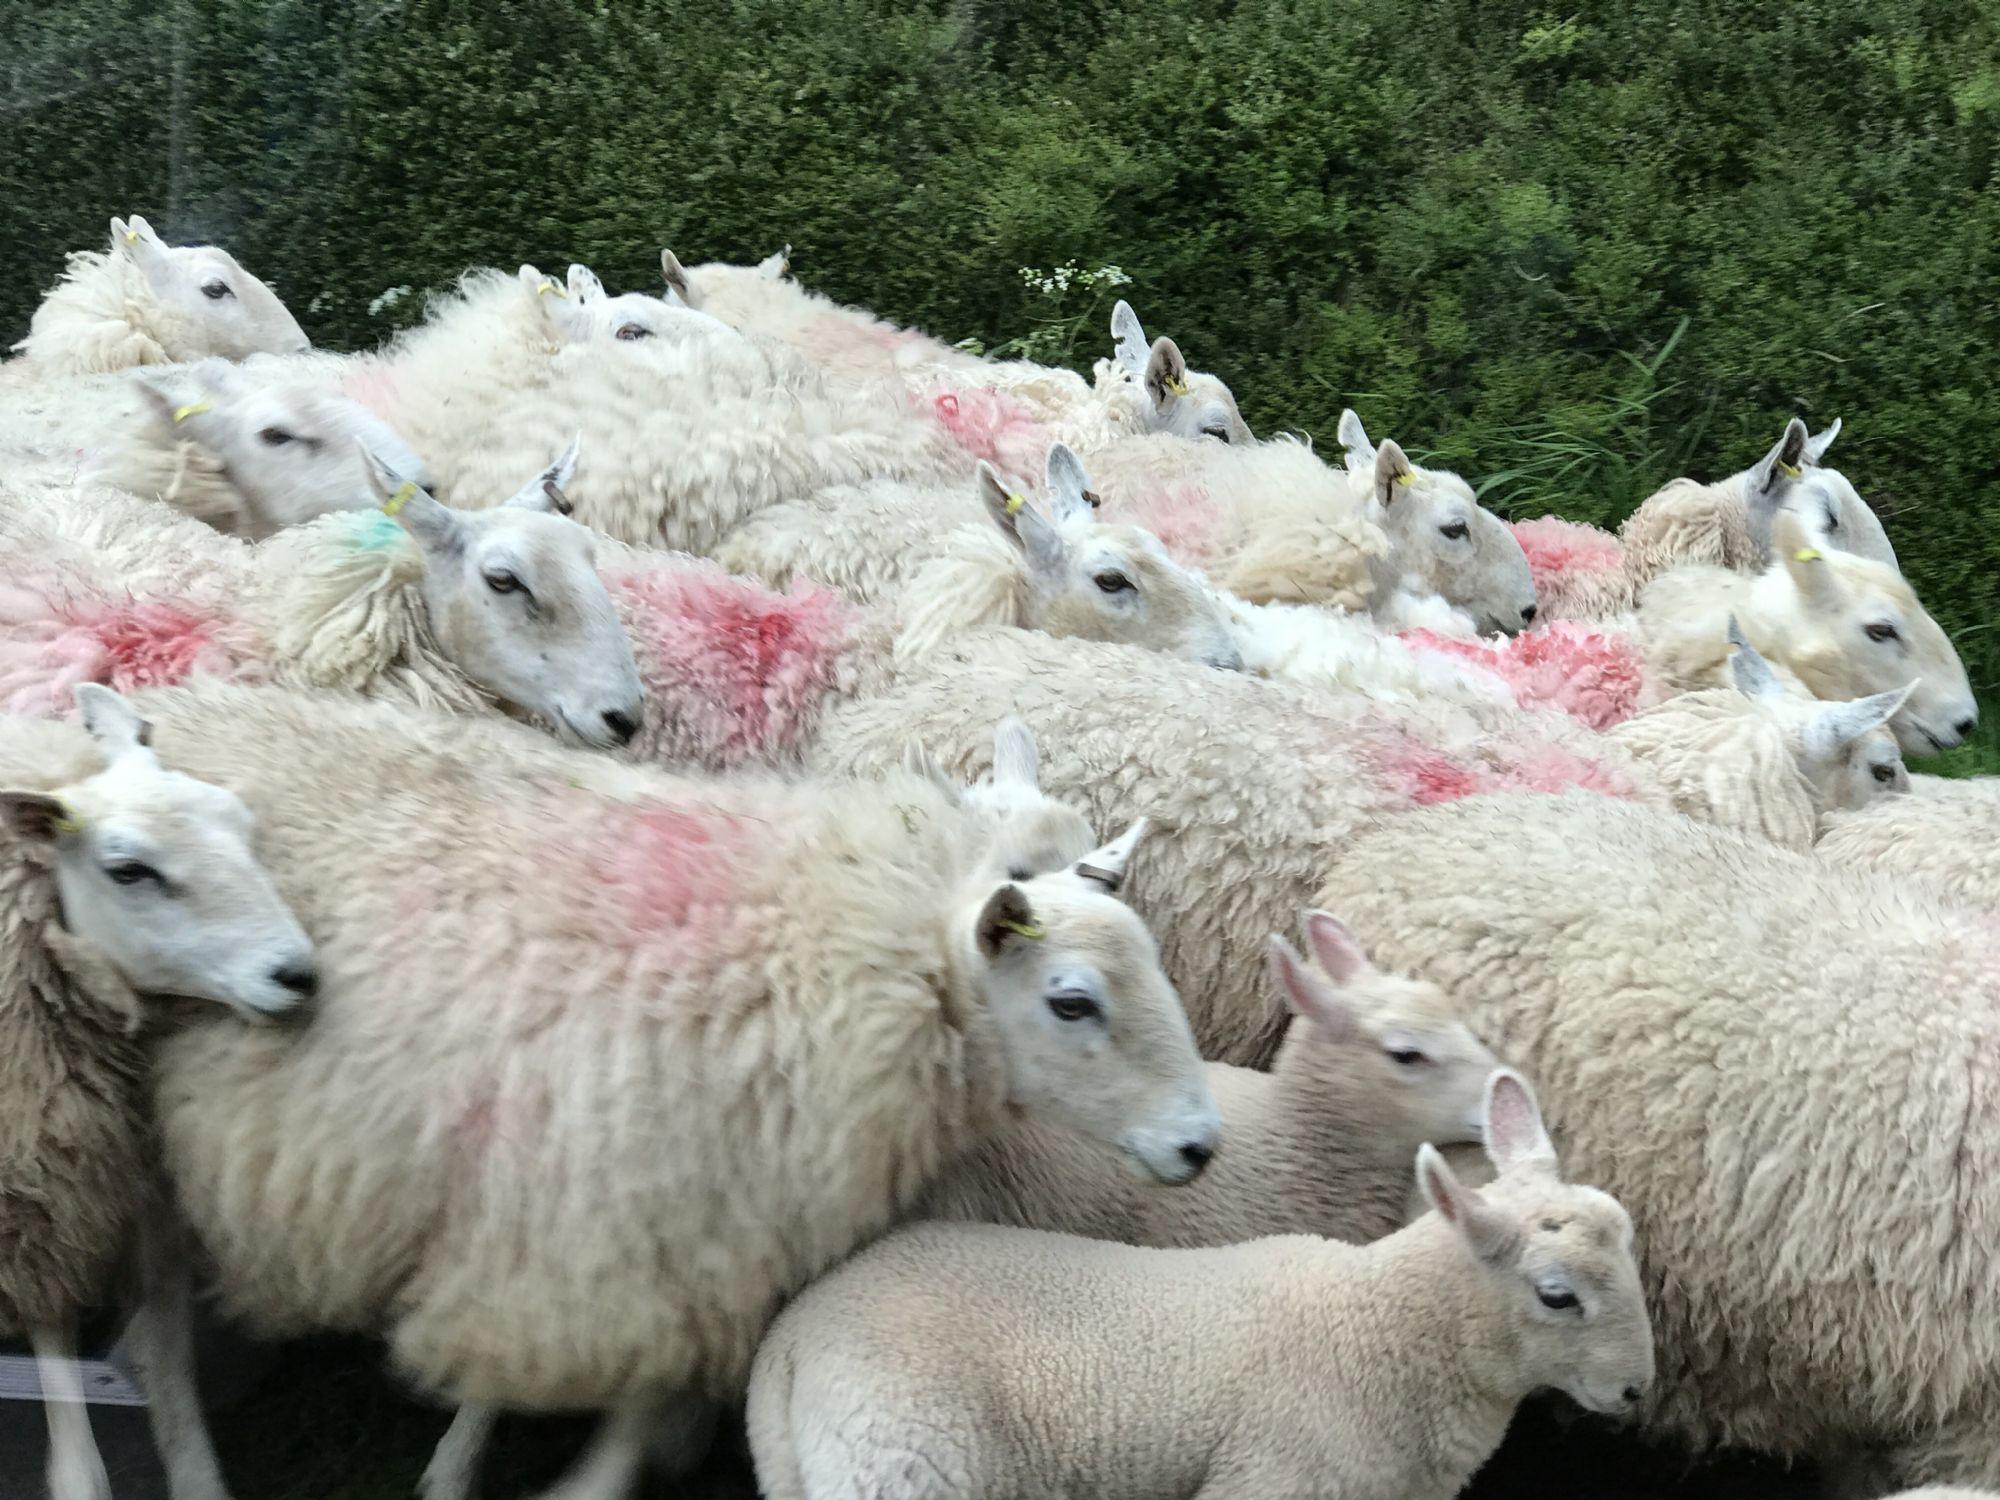 so... many sheep